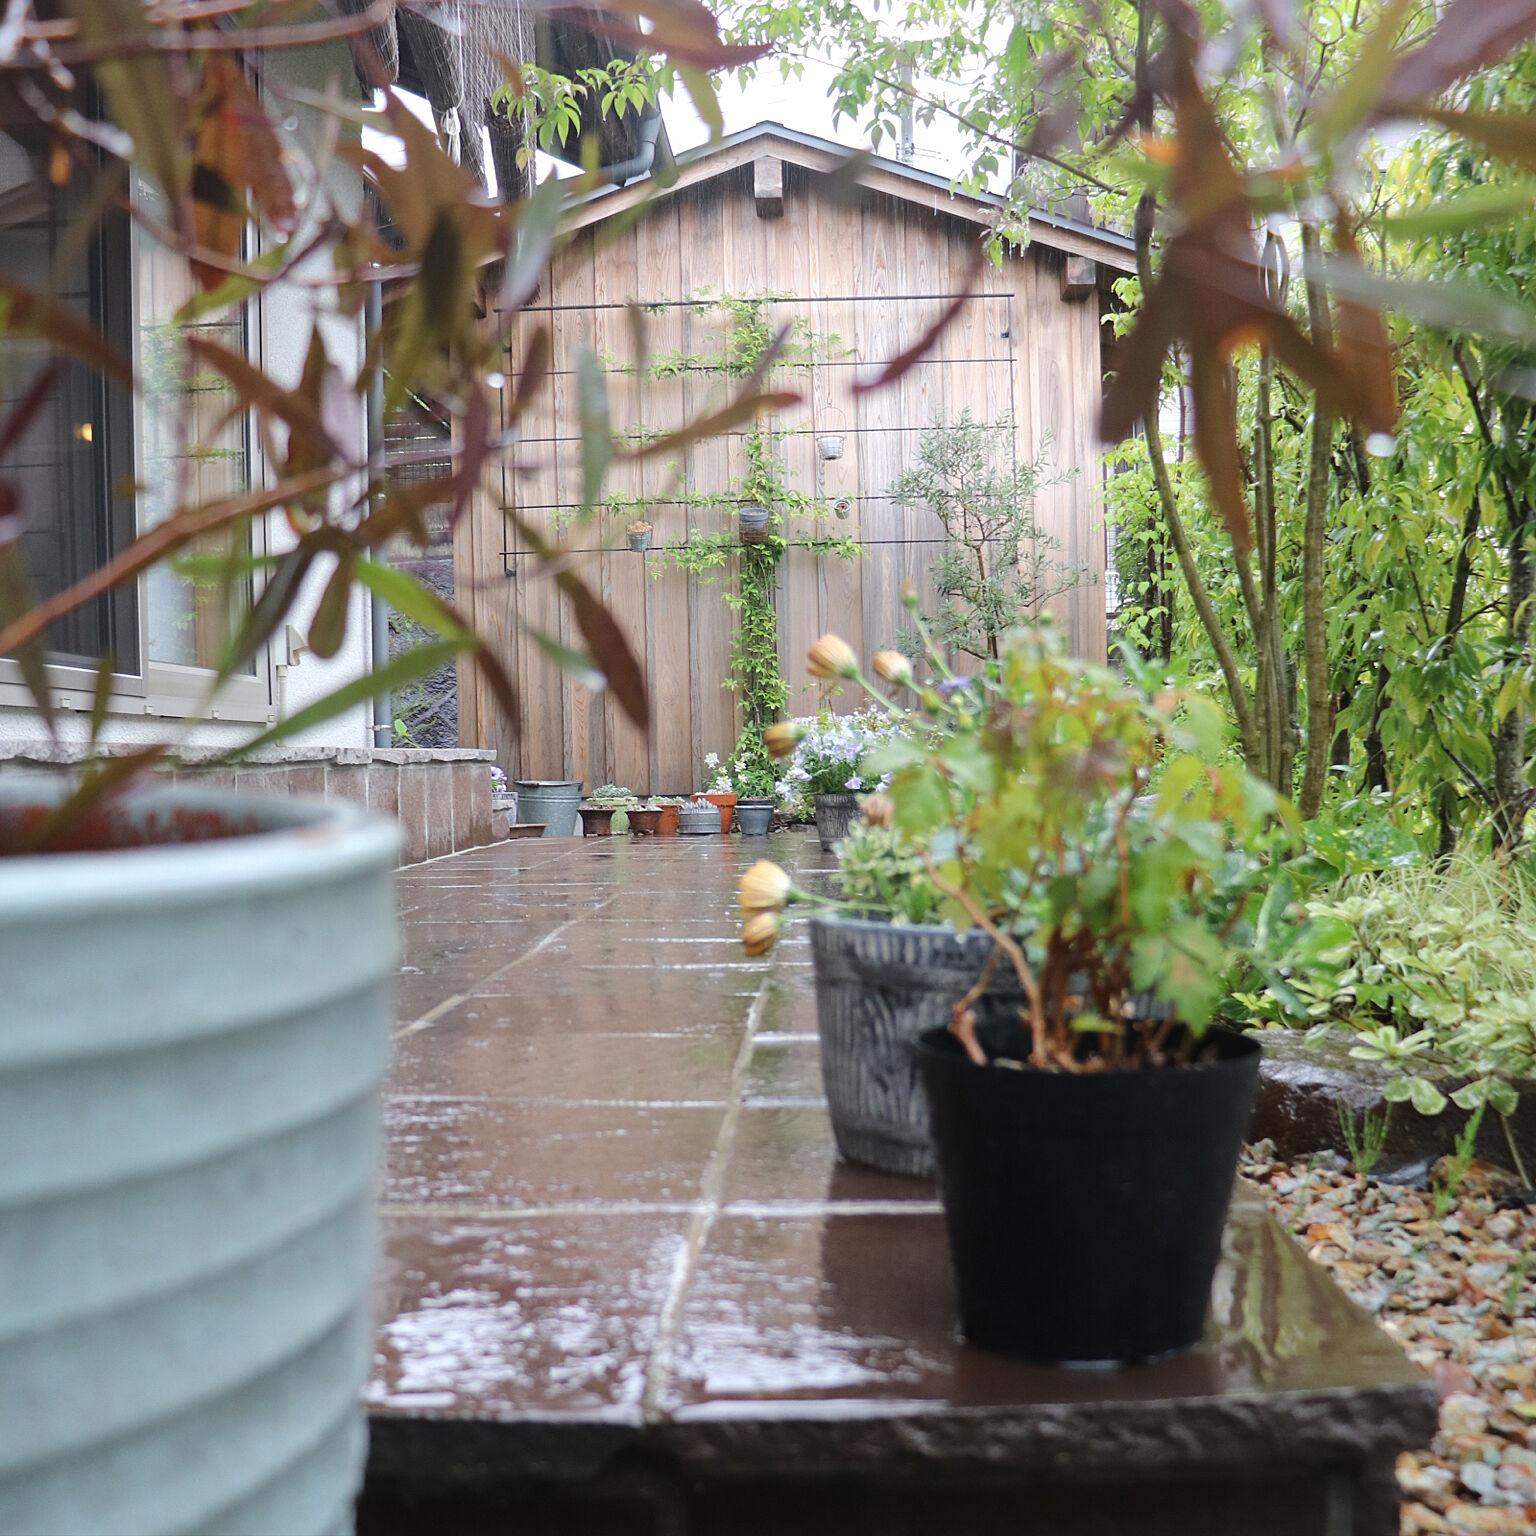 おうちにいても楽しく有意義に♪雨の日の過ごし方のヒント